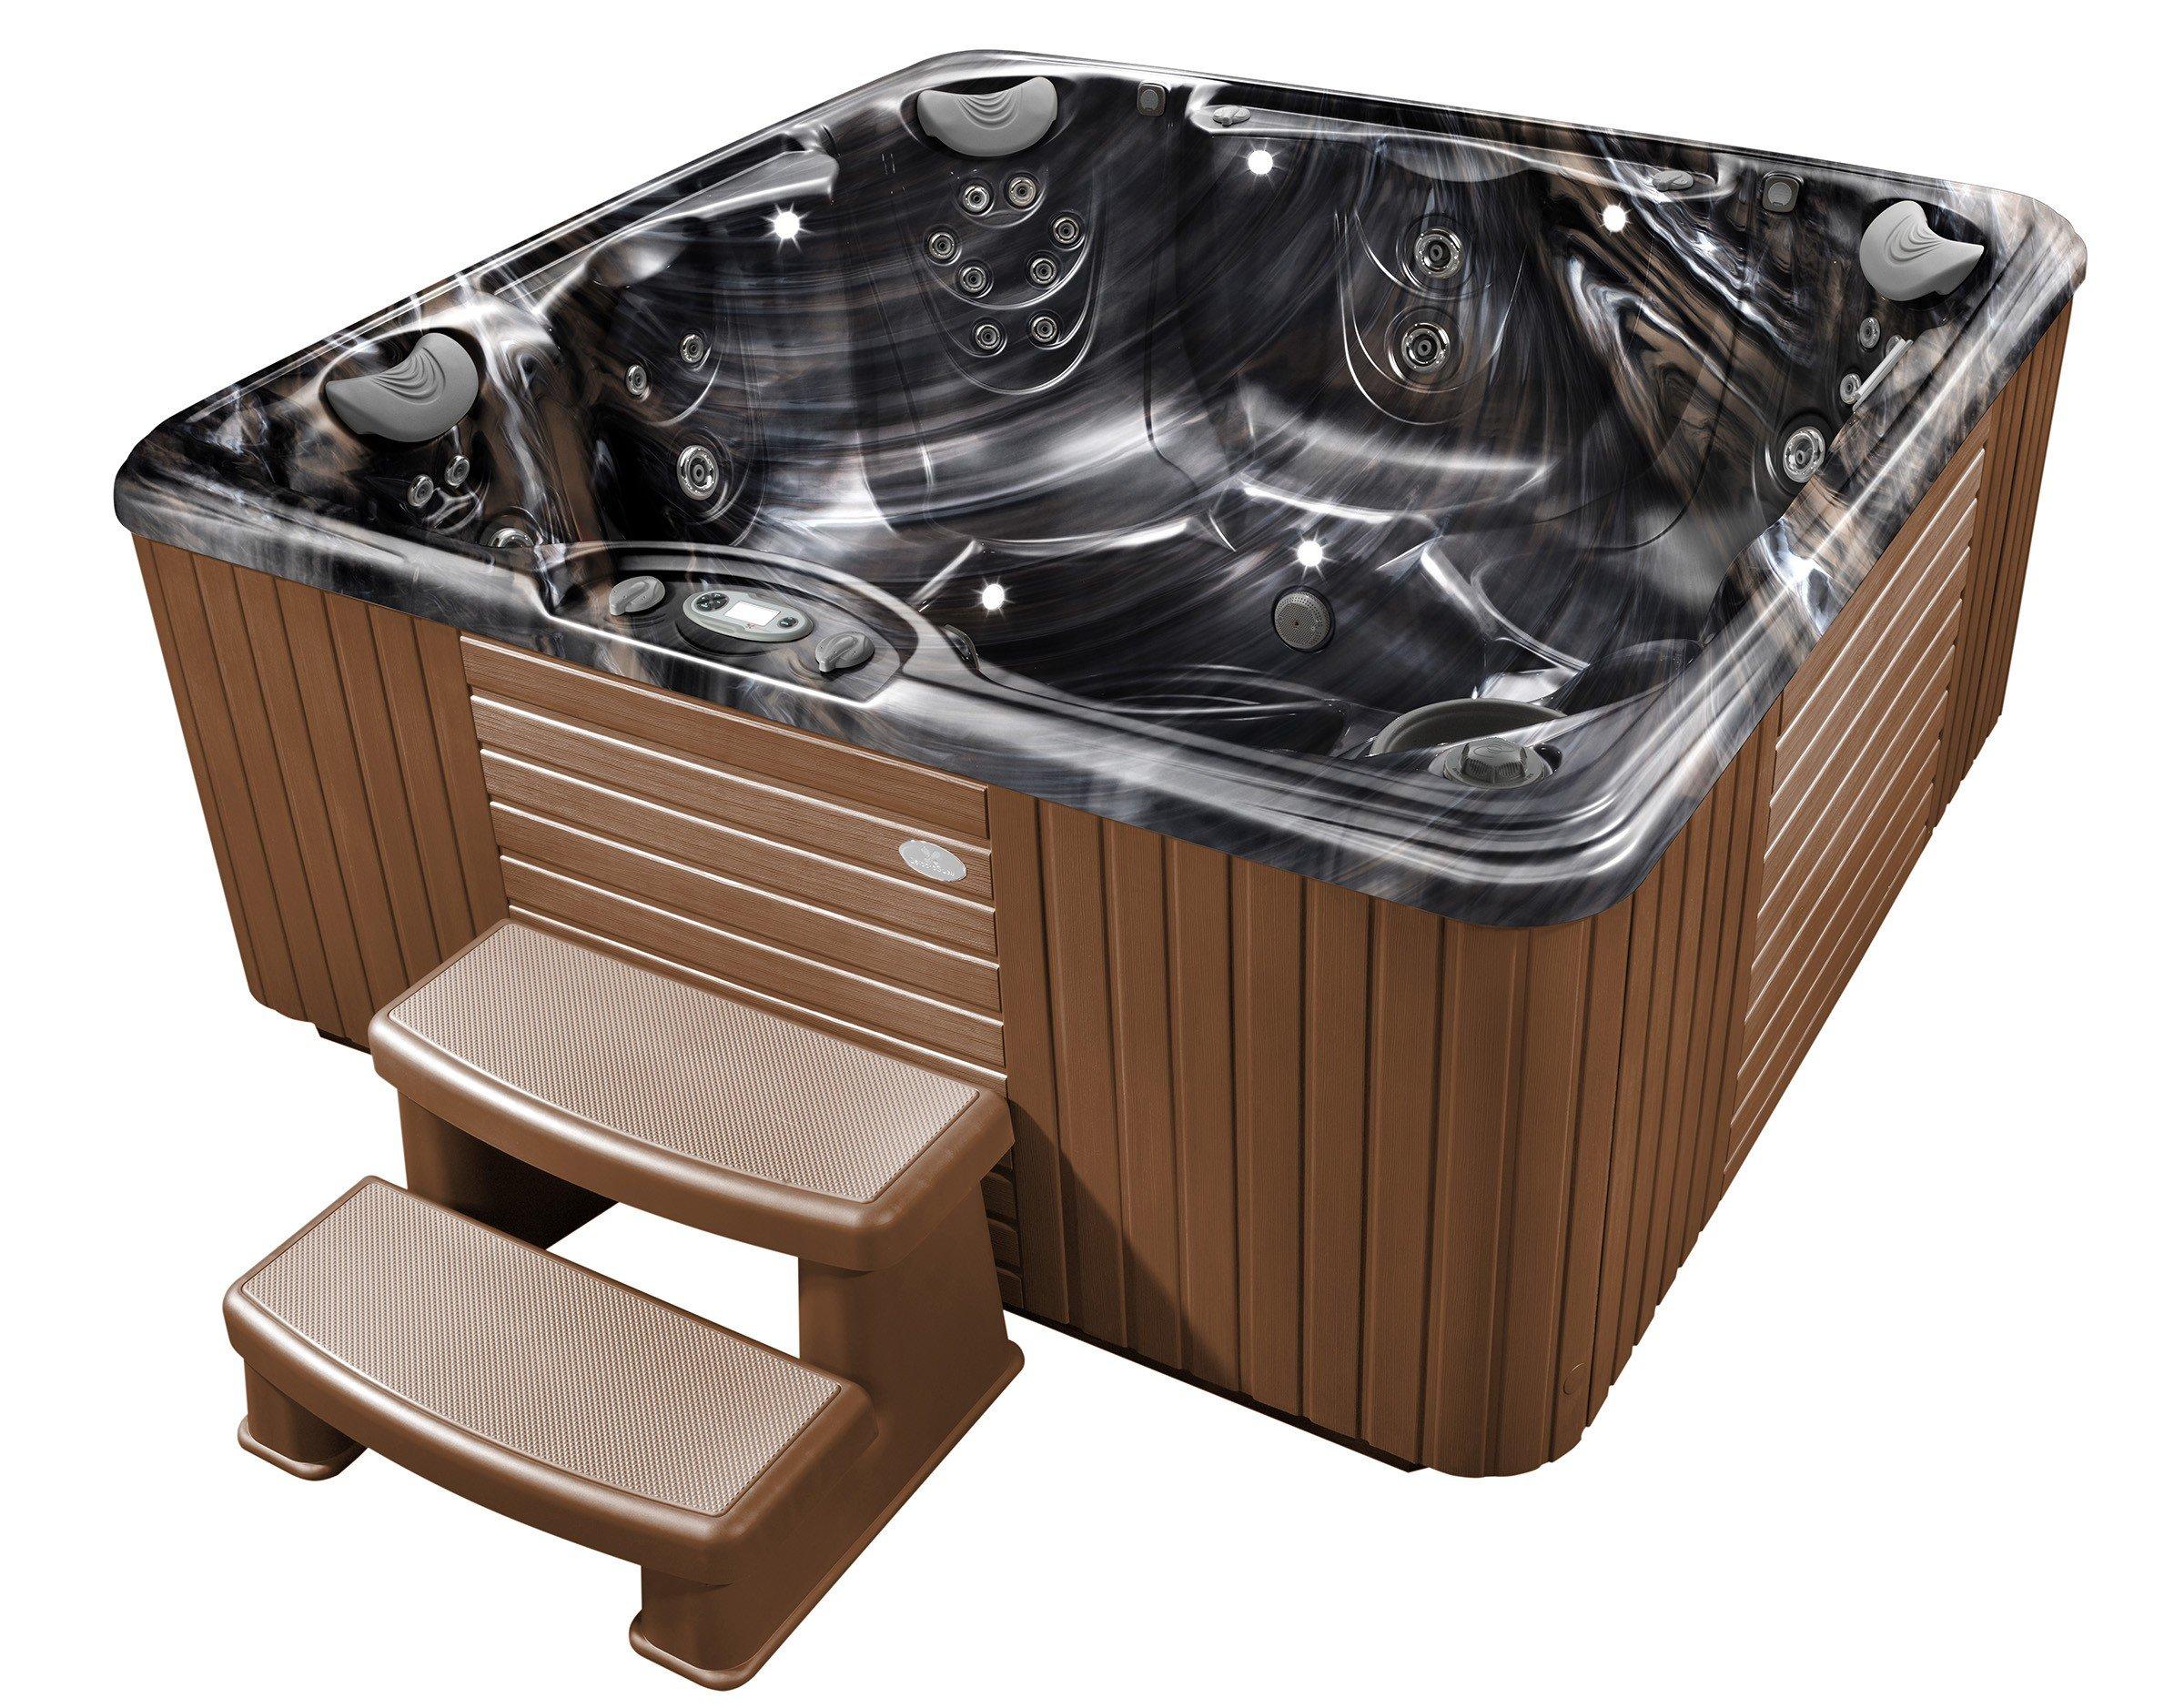 Marino Texas Hot Tub Company